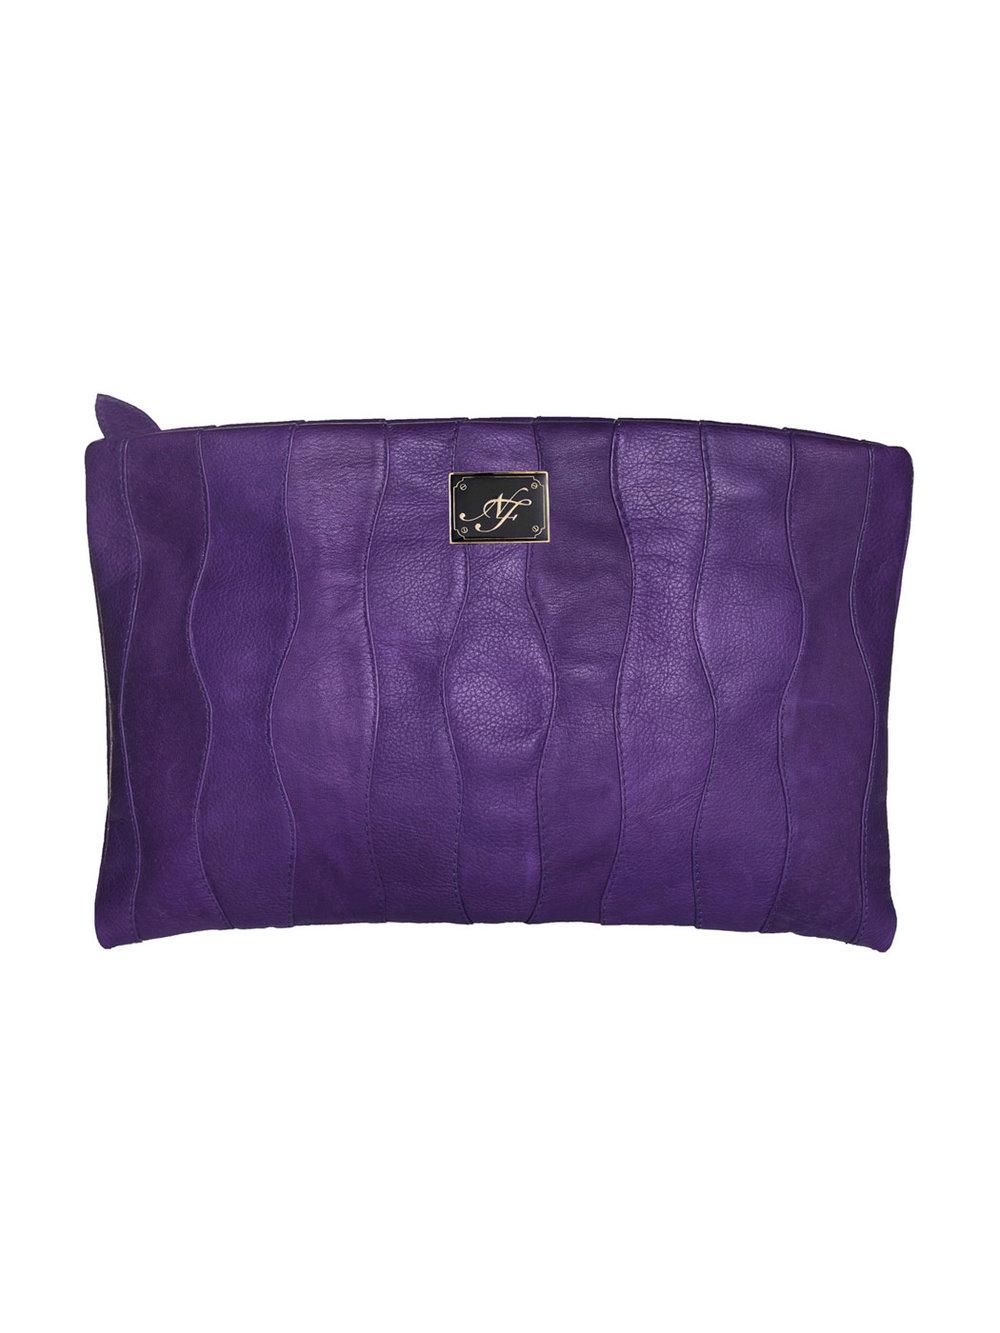 Clutch violeta - $210